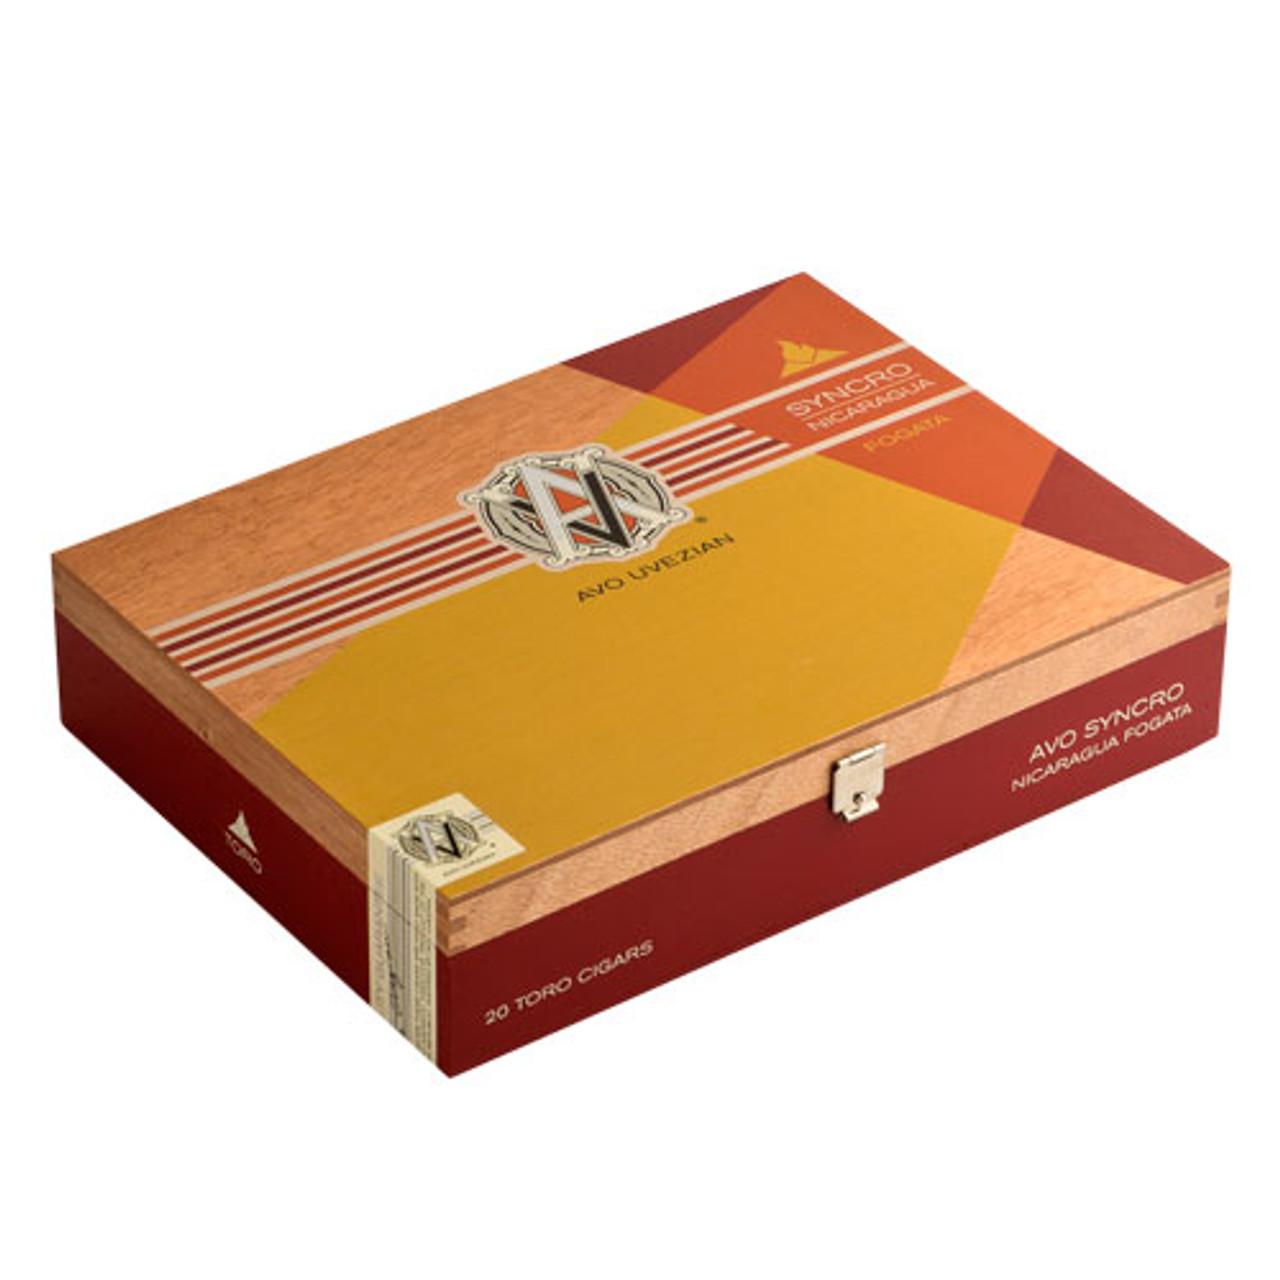 AVO Syncro Nicaragua Fogata Robusto Cigars - 5 x 50 (Box of 20)